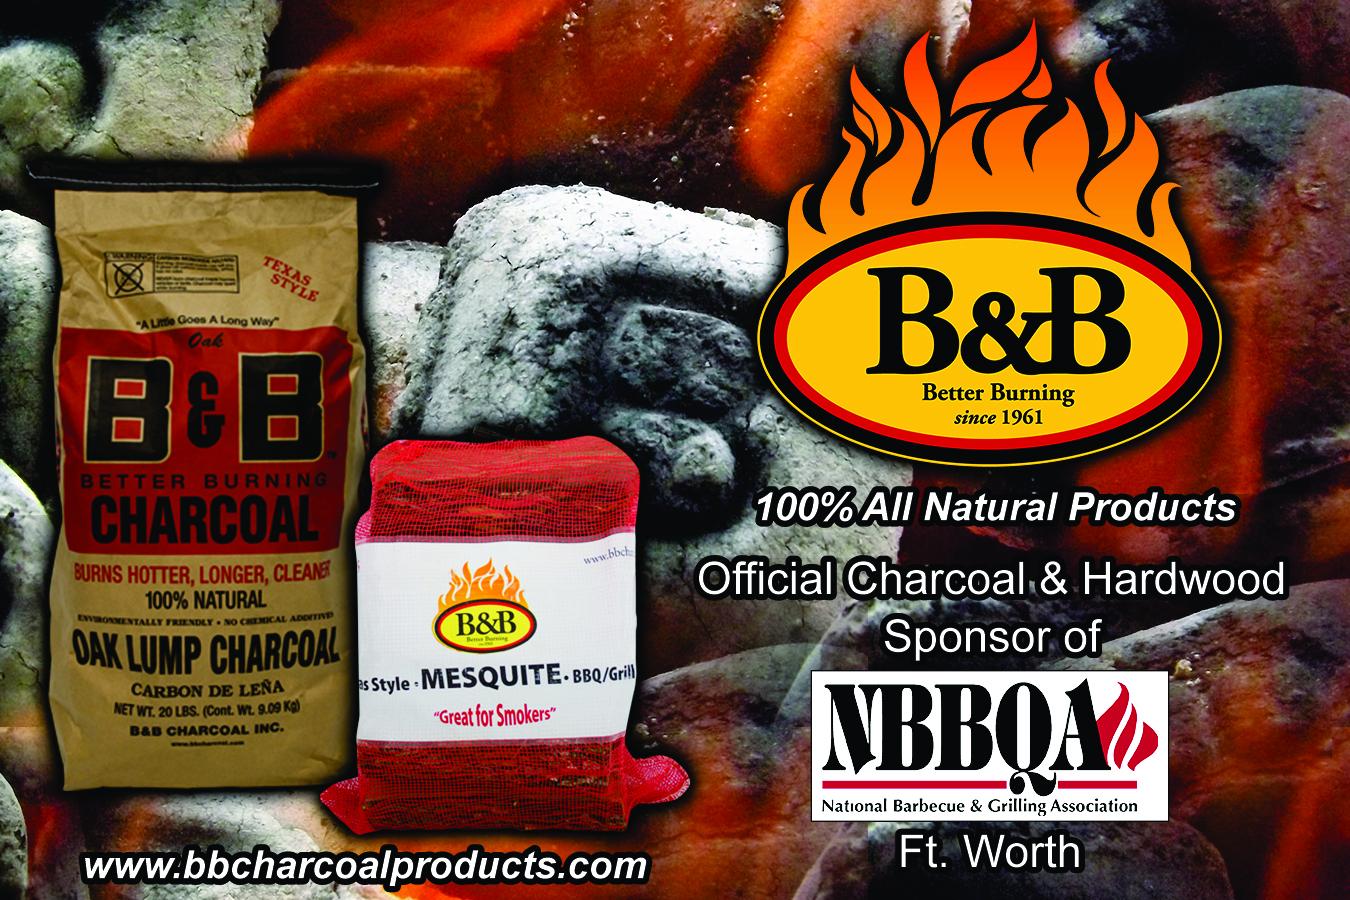 B&B Charcoal